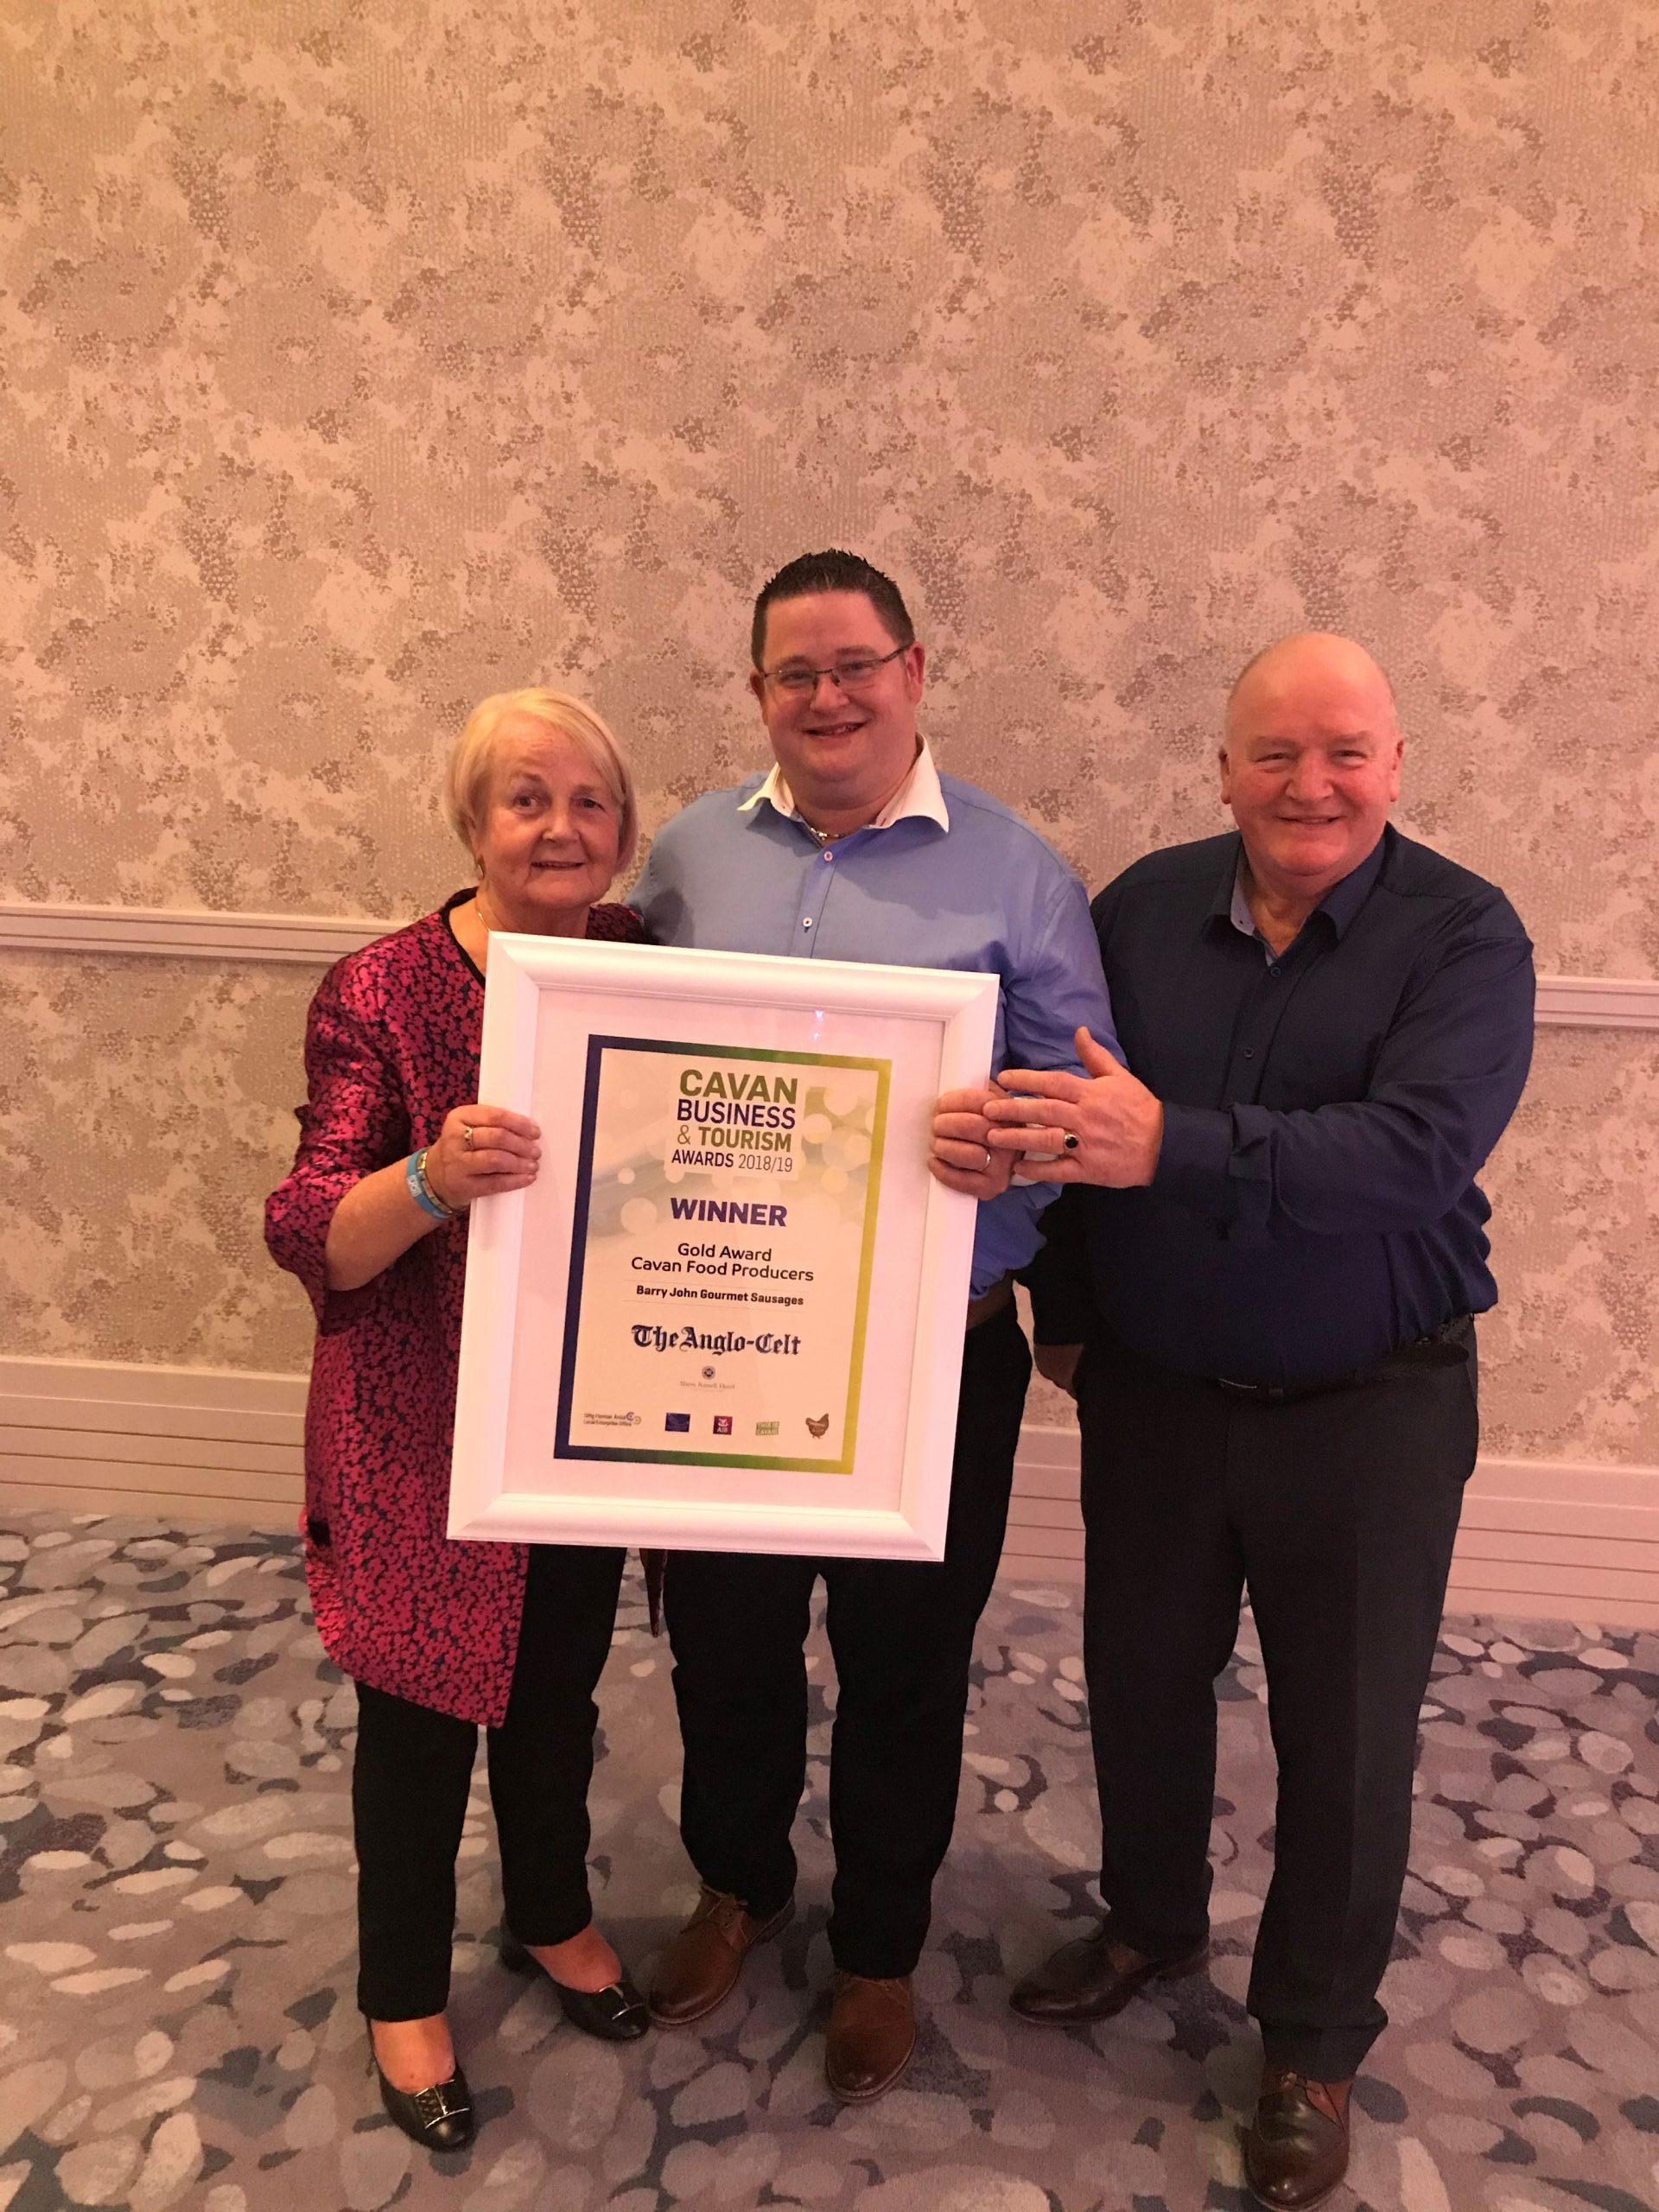 Cavan Business & Tourism Awards 2018/19 - Barry John Sausages